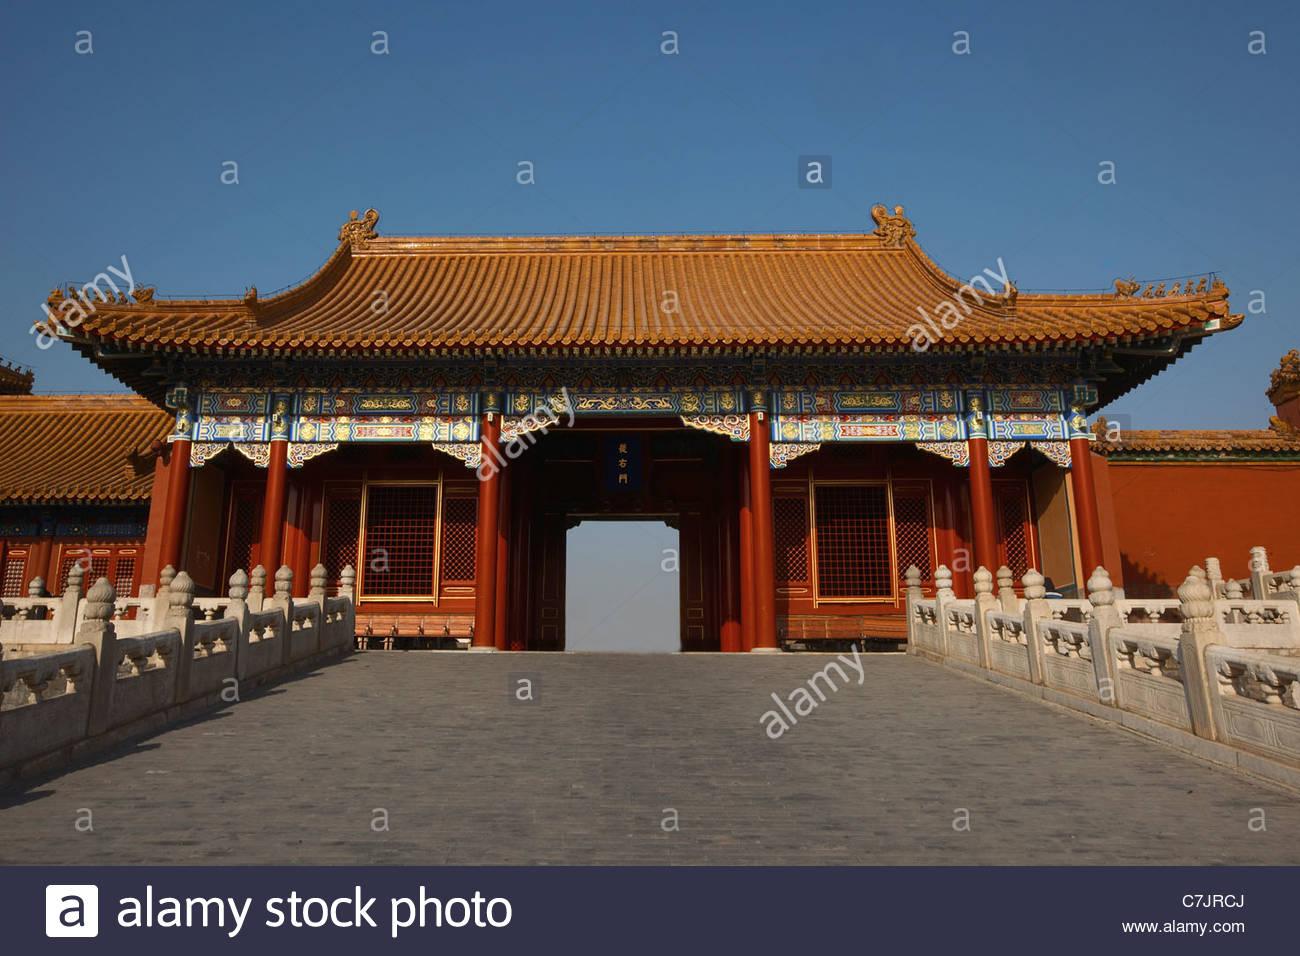 Bâtiment chinois avec cour Banque D'Images